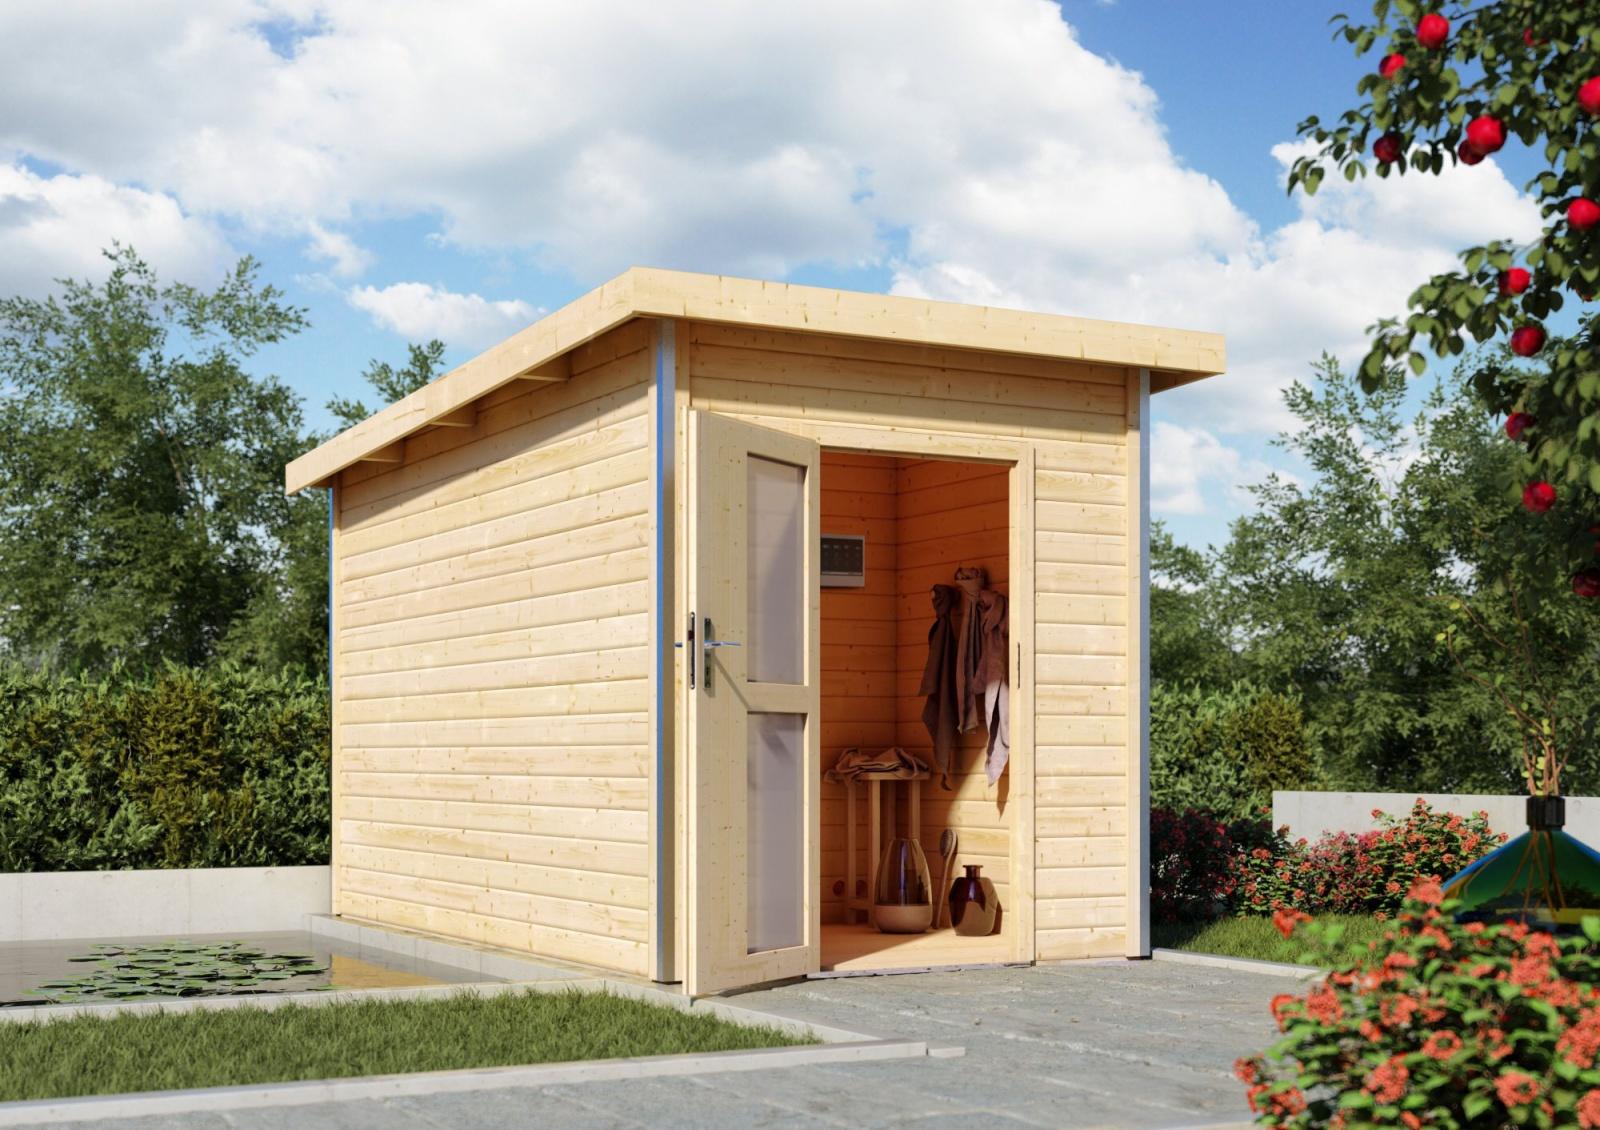 finská sauna KARIBU TORGE (86196) s předsíní